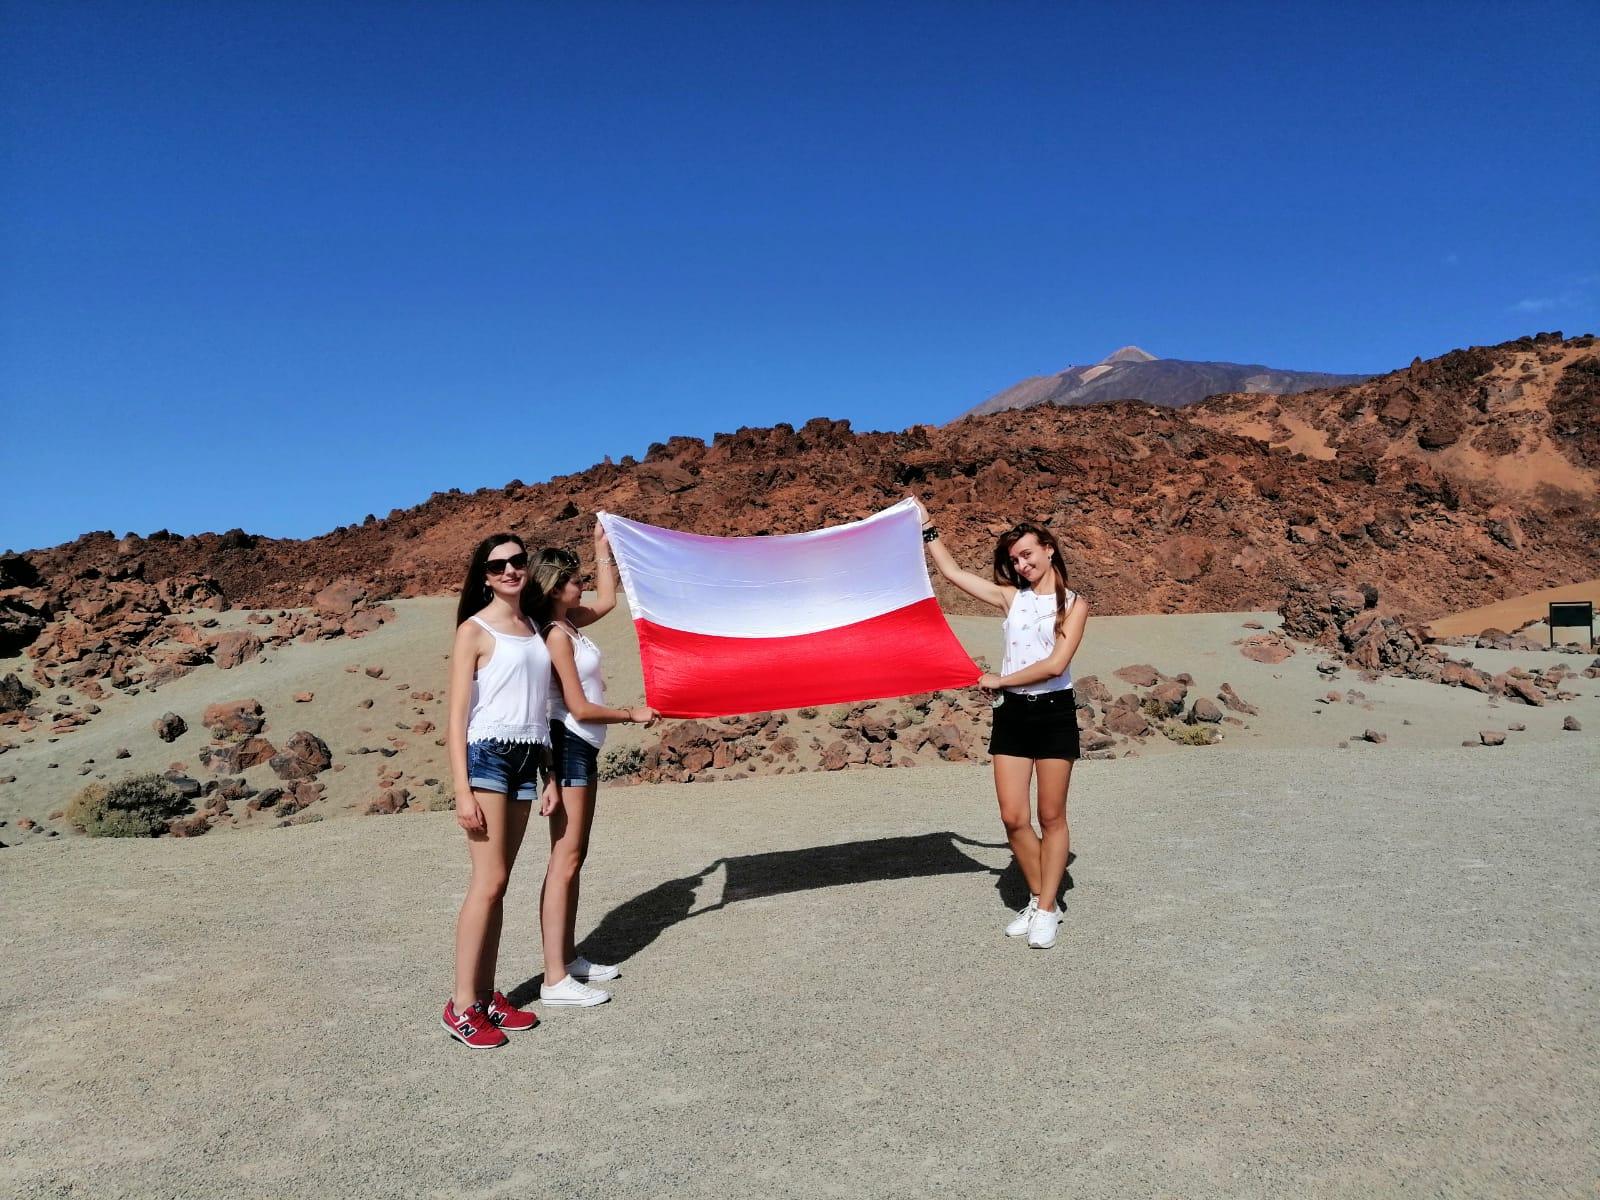 Trzy studentki trzymające rozłożoną polską flagę, w tle skały